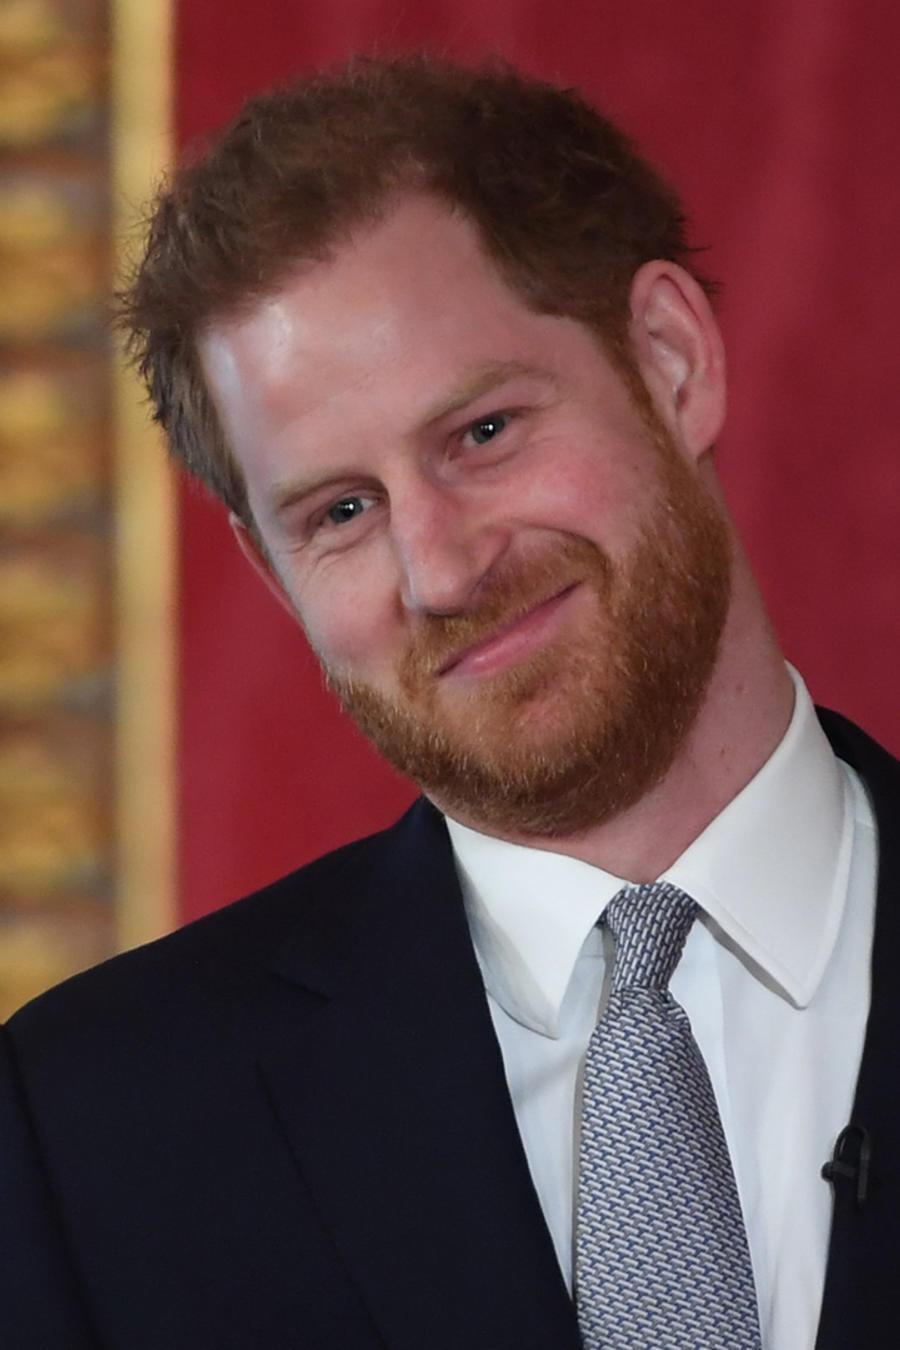 El príncipe Harry realiza donativo en su cumpleaños